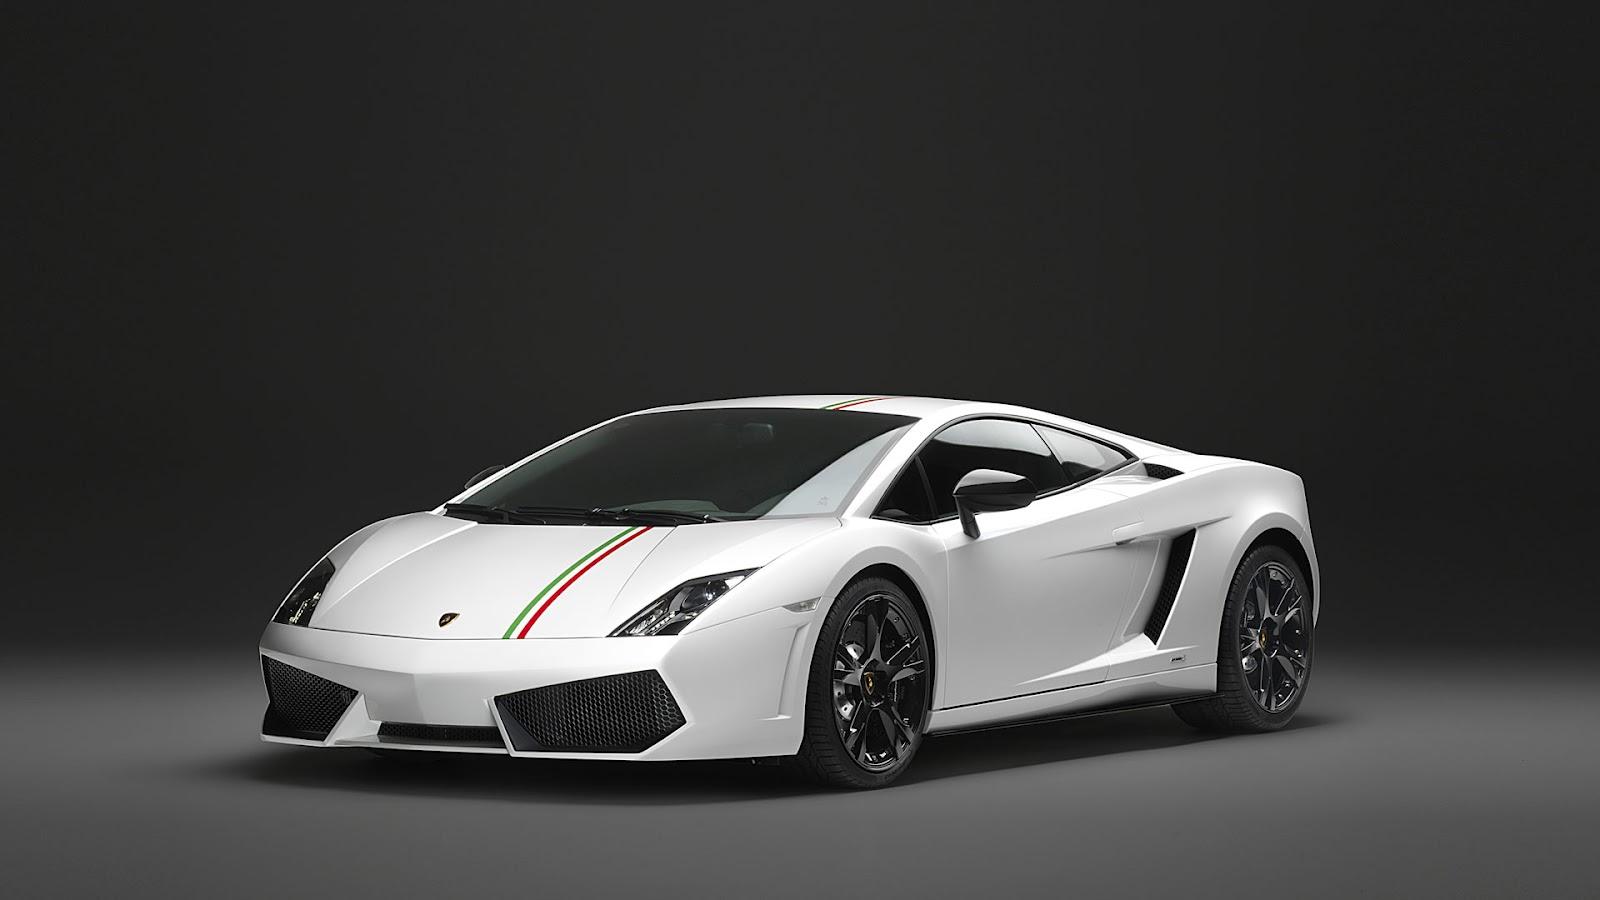 Lamborghini Gallardo Wallpaper Hd Sf Wallpaper